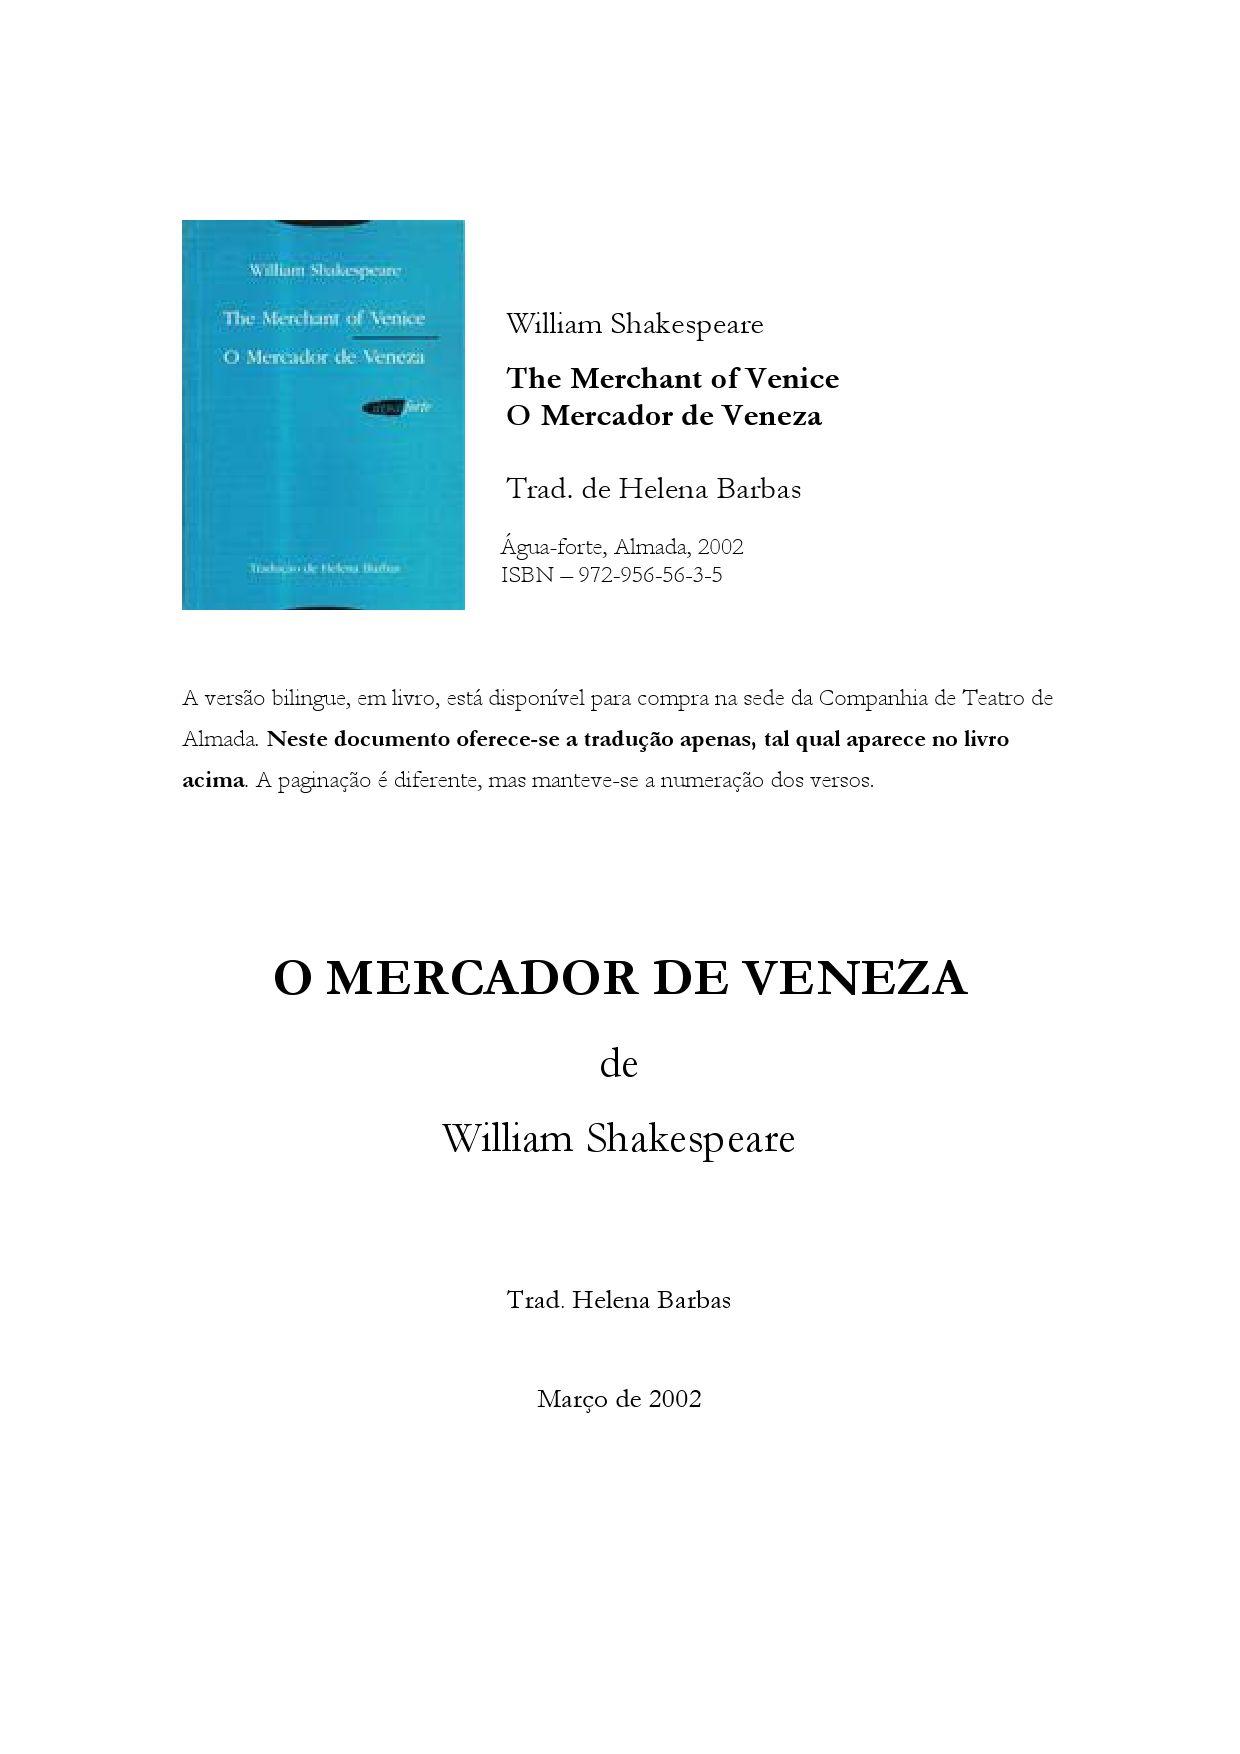 O mercador de veneza pdf writer